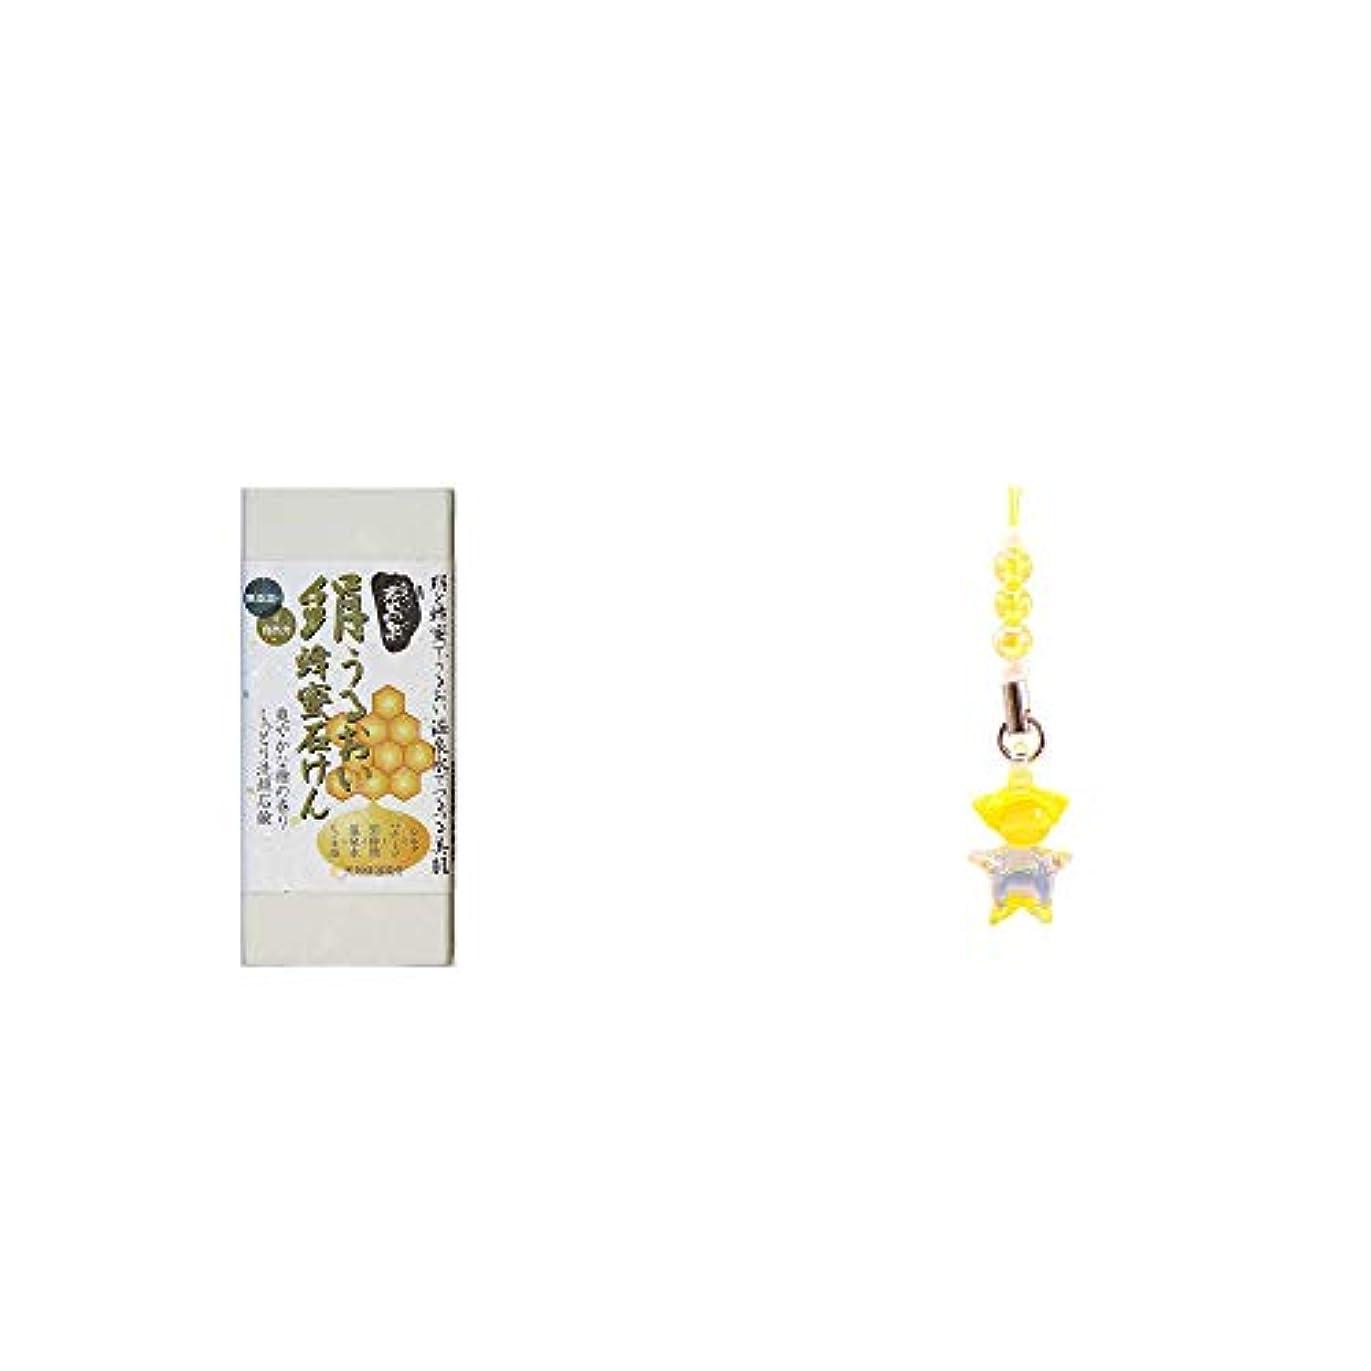 霊発生するスタッフ[2点セット] ひのき炭黒泉 絹うるおい蜂蜜石けん(75g×2)?ガラスのさるぼぼ 手作りキーホルダー 【黄】 /金運?ギャンブル運?財運?宝くじ当選祈願//